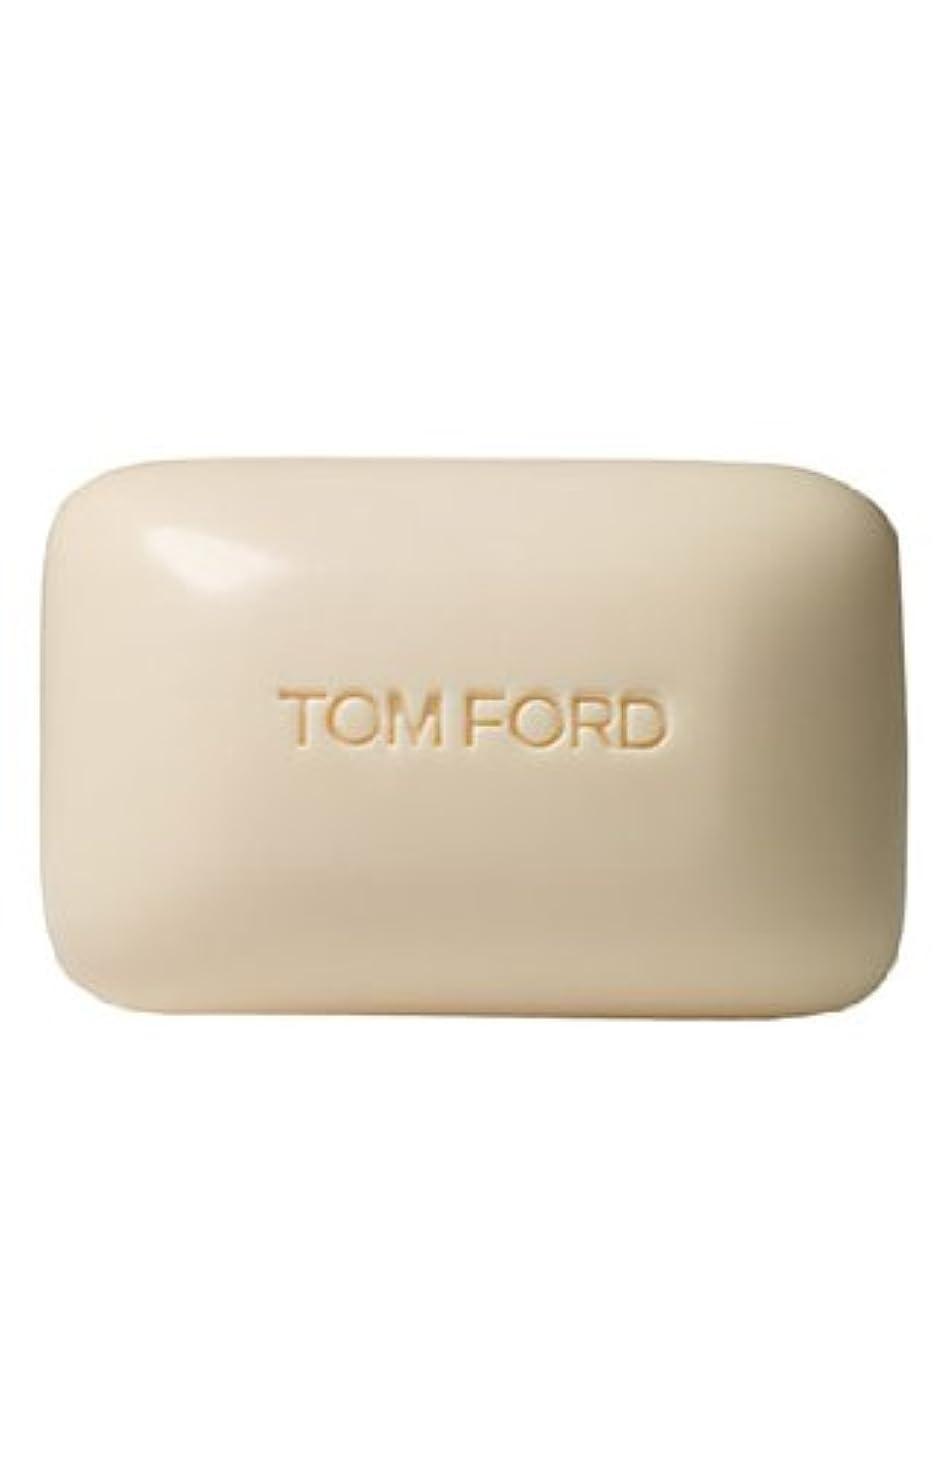 作り上げる達成可能アライメントTom Ford Private Blend 'Neroli Portofino' (トムフォード プライベートブレンド ネロリポートフィーノ) 5.5 oz (165ml) Bar Soap (固形石鹸)